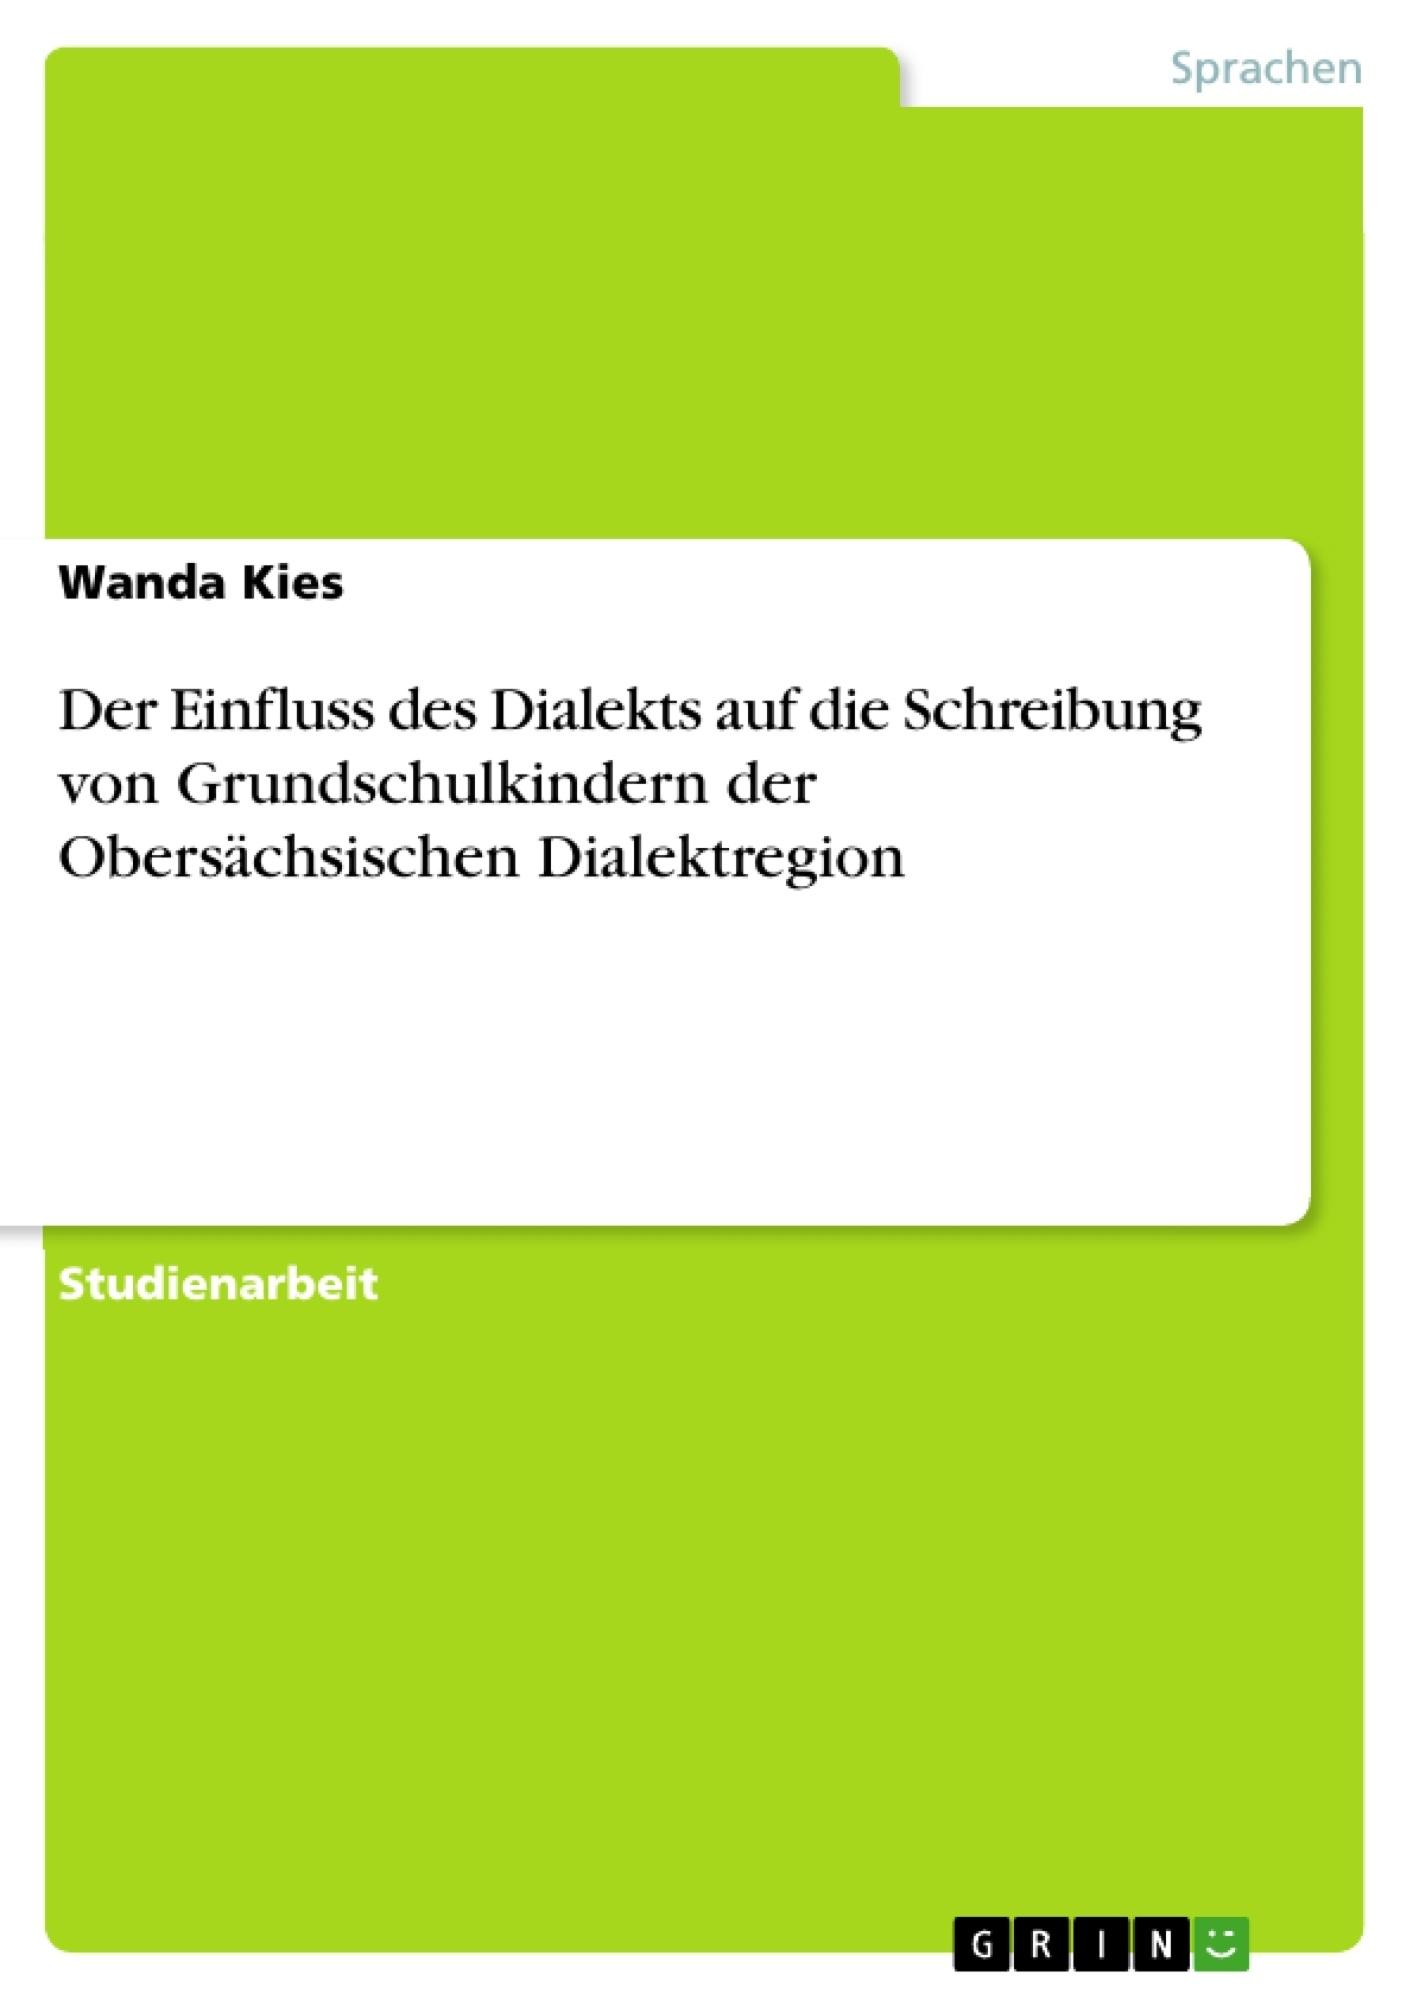 Titel: Der Einfluss des Dialekts auf die Schreibung von Grundschulkindern der Obersächsischen Dialektregion